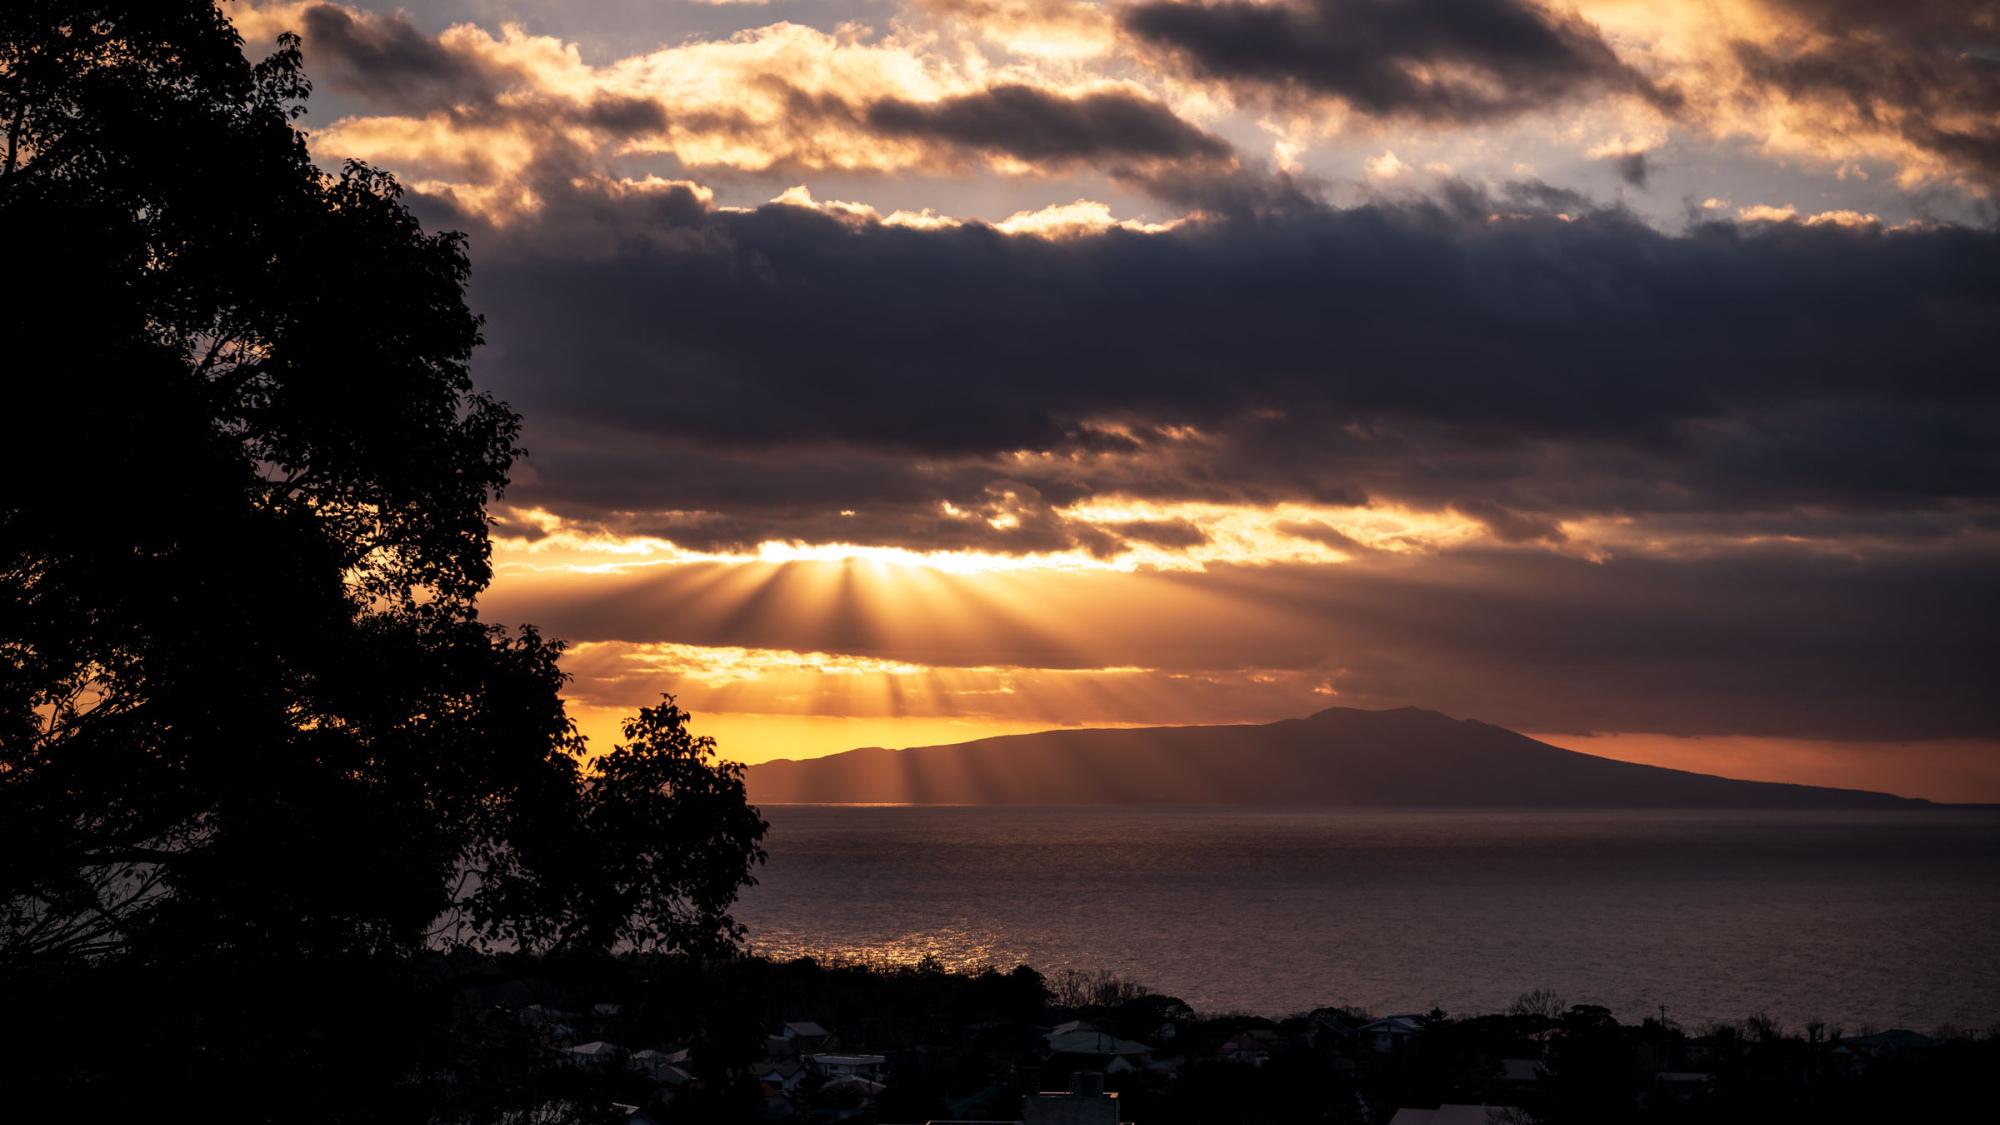 【別荘/閑‐kan‐】夕焼けに染まる伊豆大島の表情を感じられる自分時間